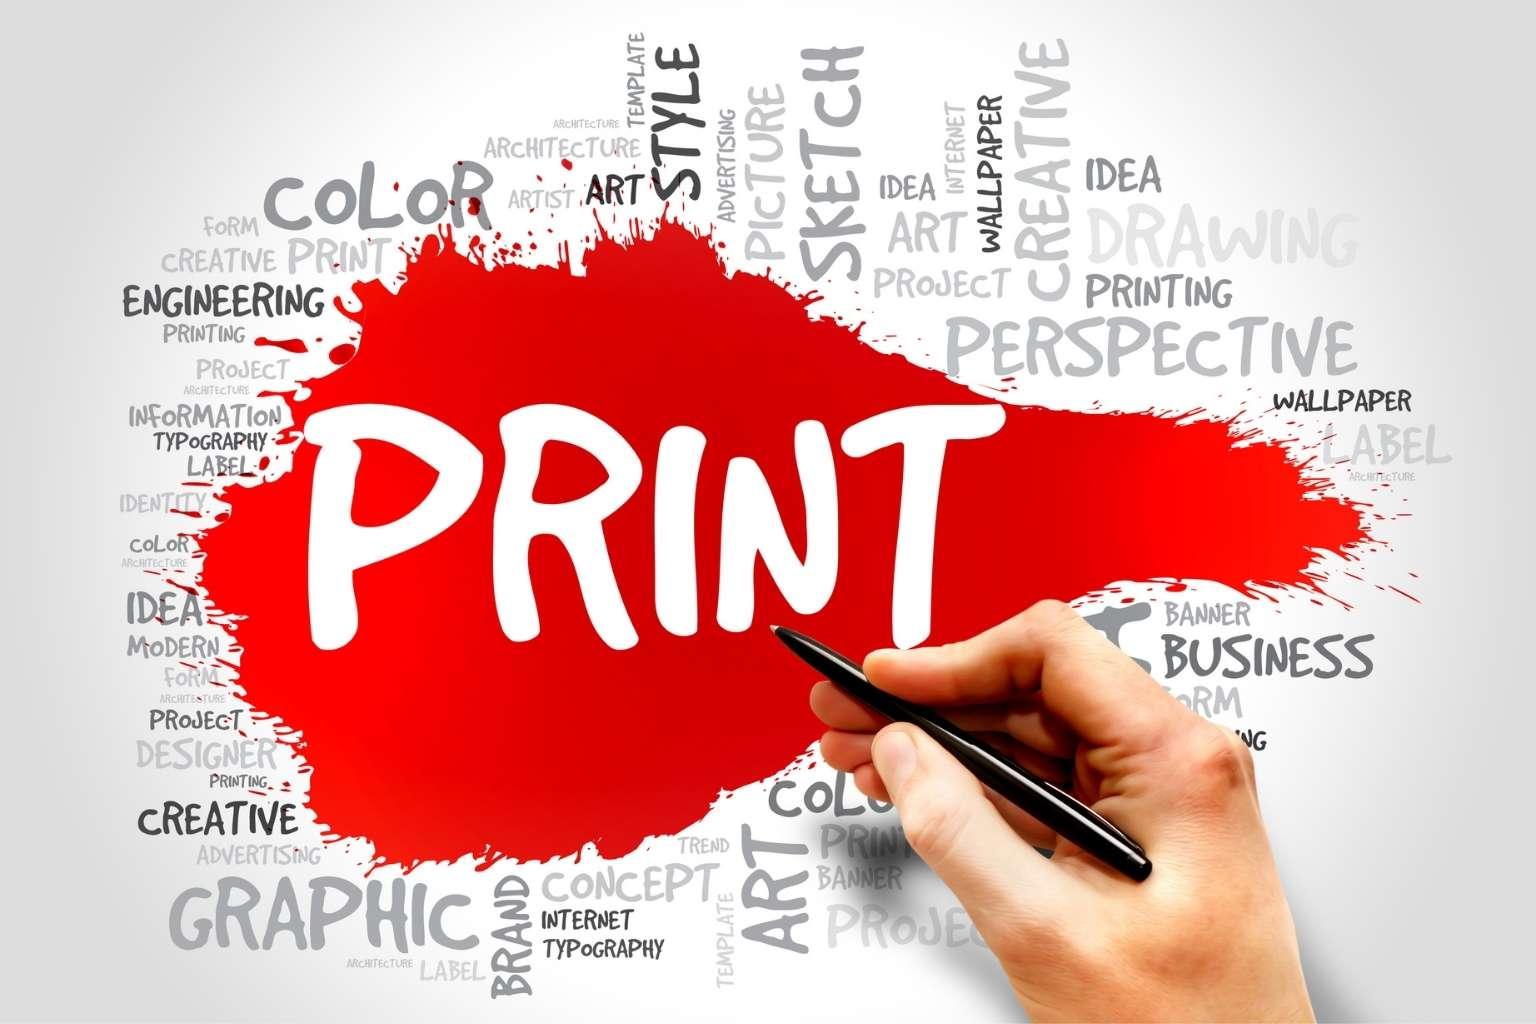 Printing Service - Dallas